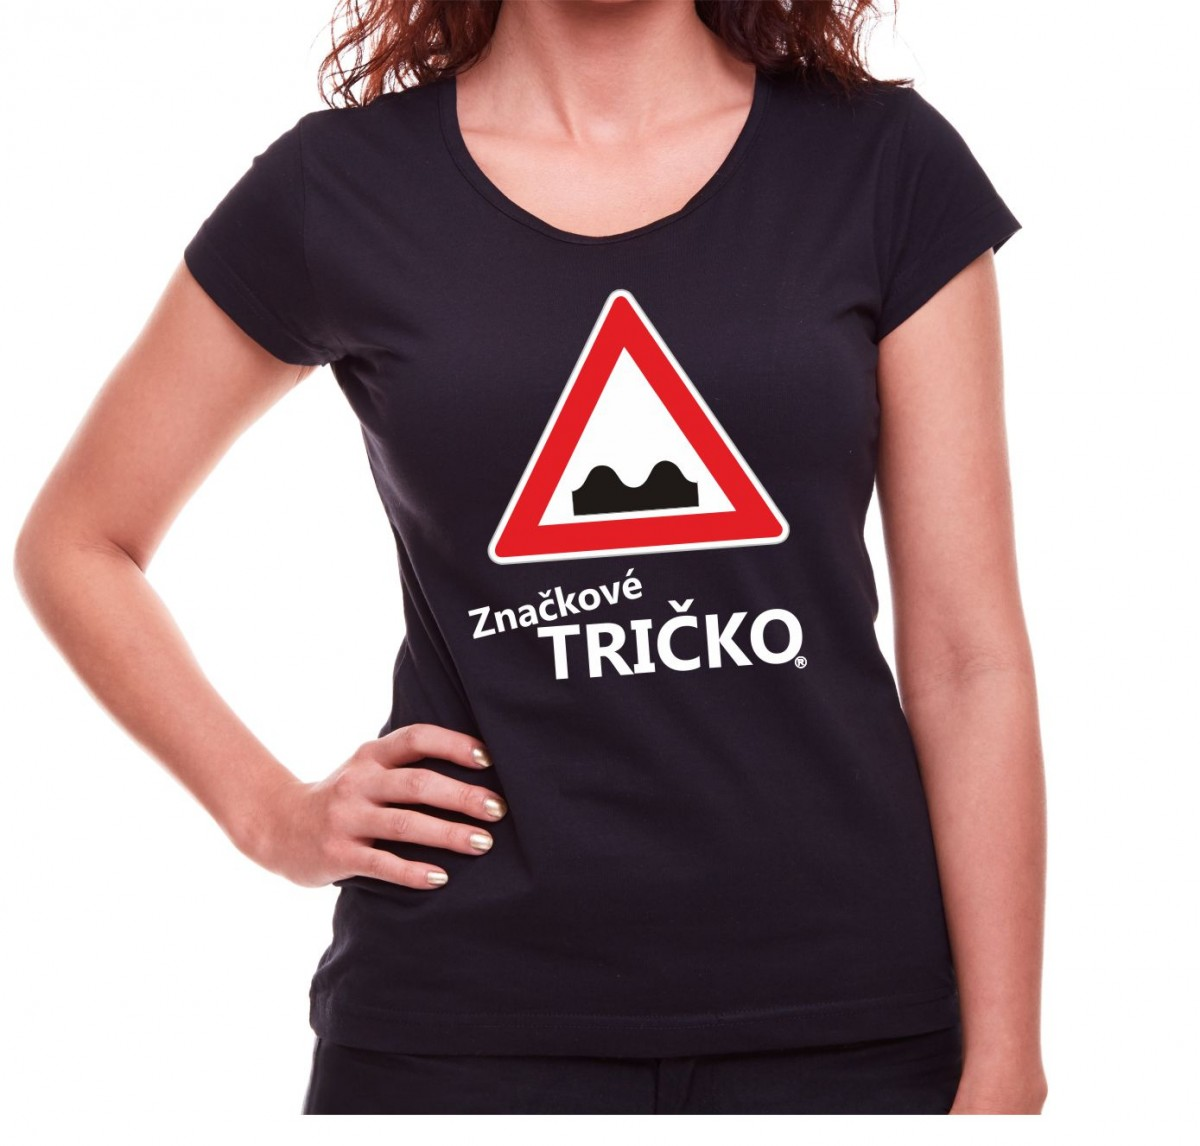 0a9a1bdd83db Dámske značkové tričko s potlačou - Nerovnosť vozovky ǀ Fajntričko.sk